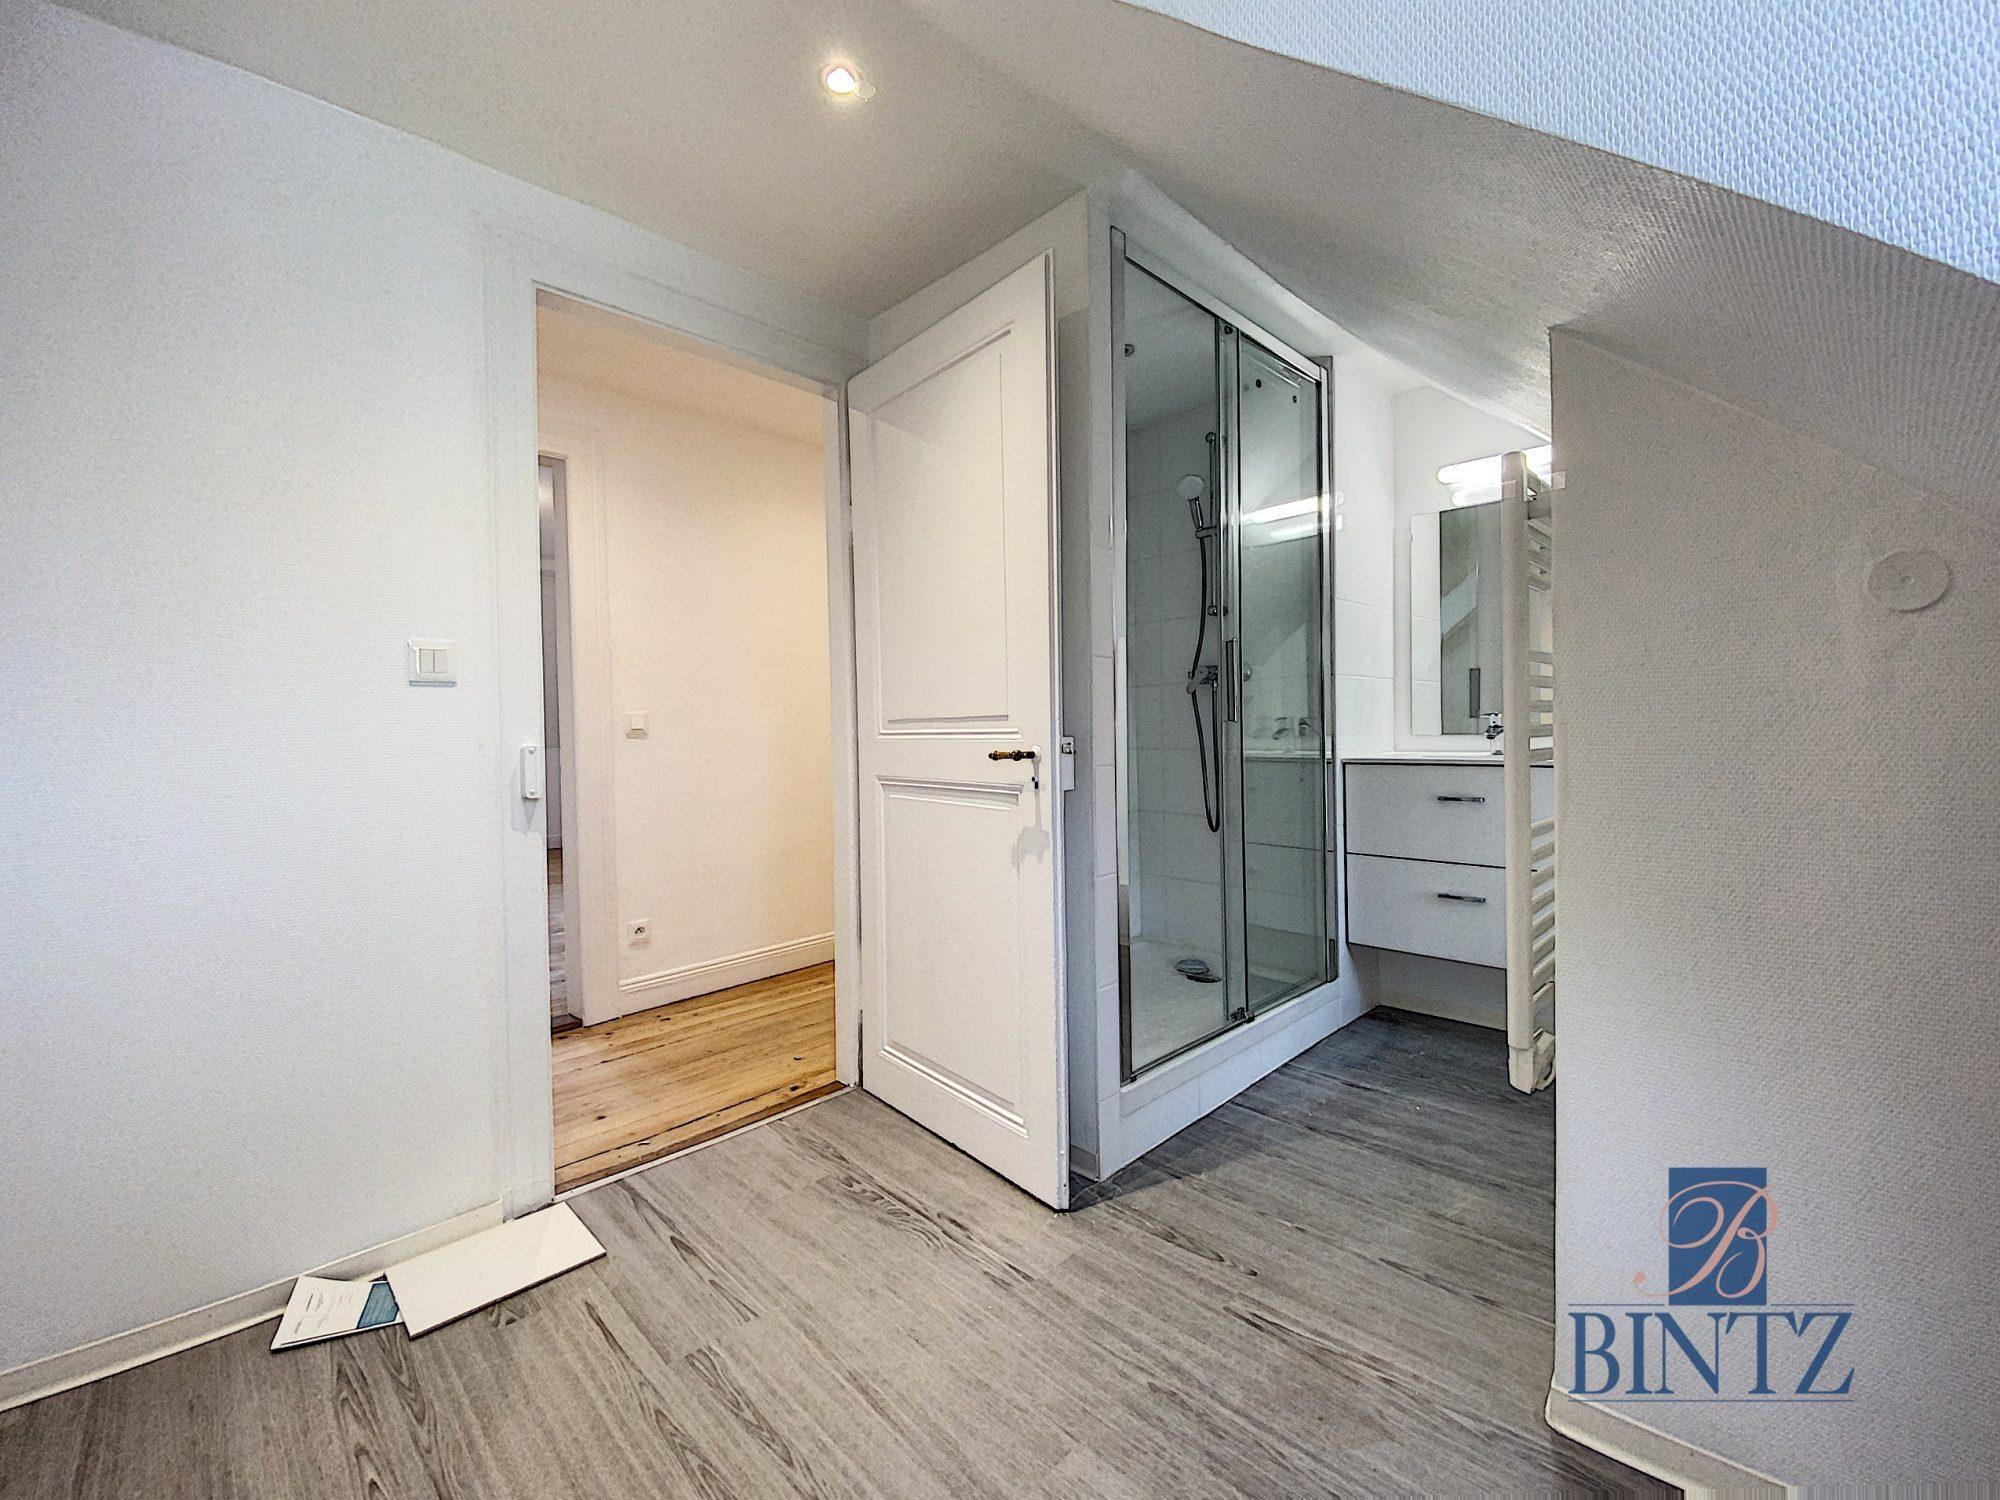 T3 BD LEBLOIS 5EME - Devenez locataire en toute sérénité - Bintz Immobilier - 4